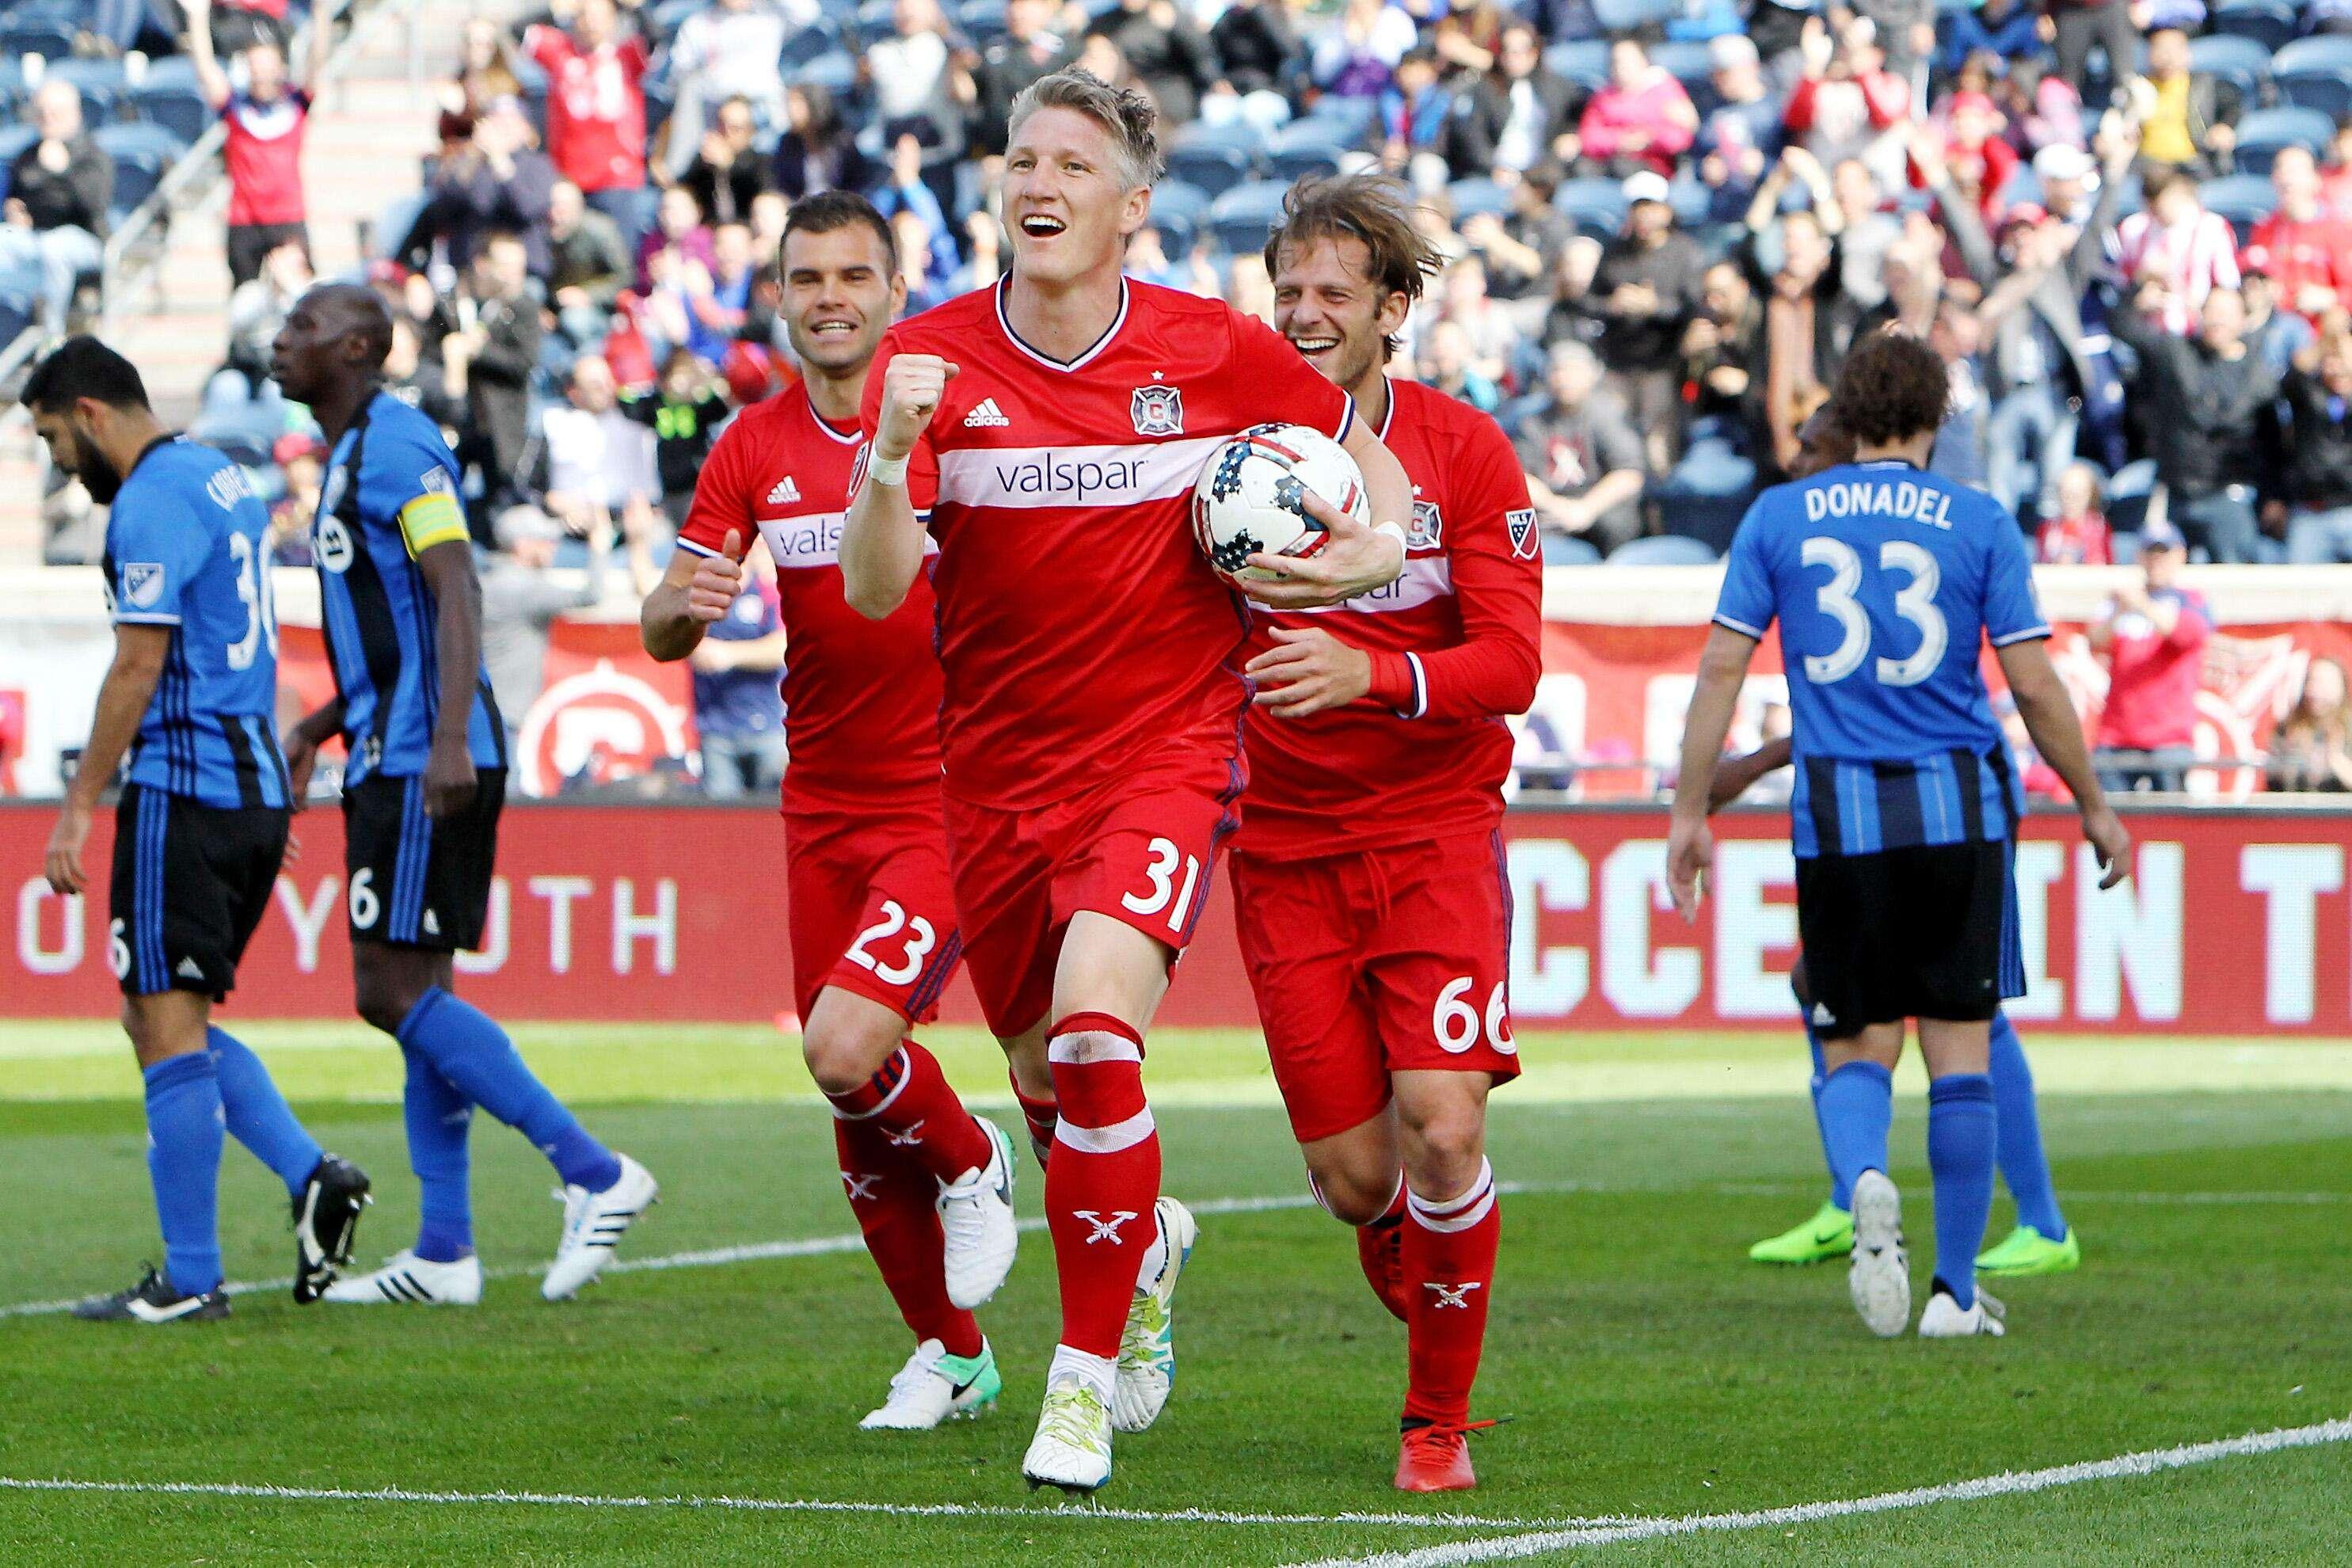 Les bons débuts de Schweinsteiger en MLS